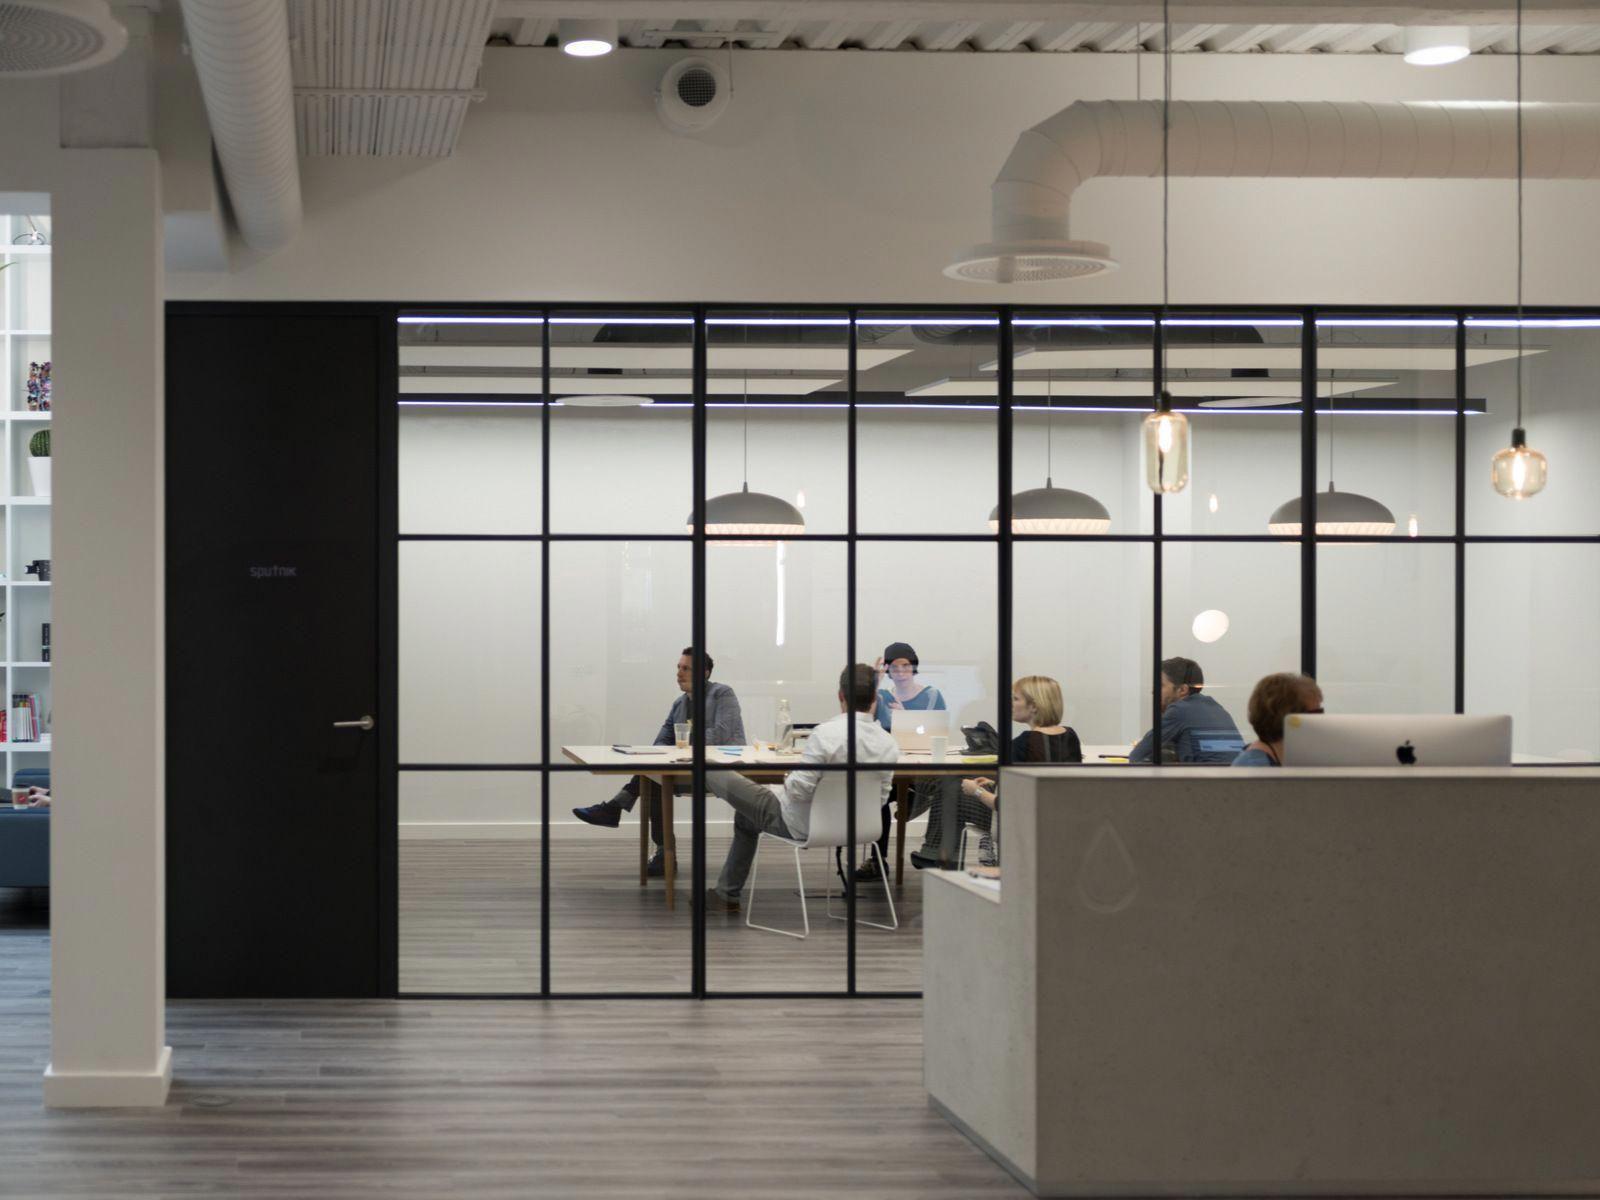 Office Designs India Officedesigns 이미지 포함 회의실 디자인 건축 사무실 사무실 인테리어 디자인